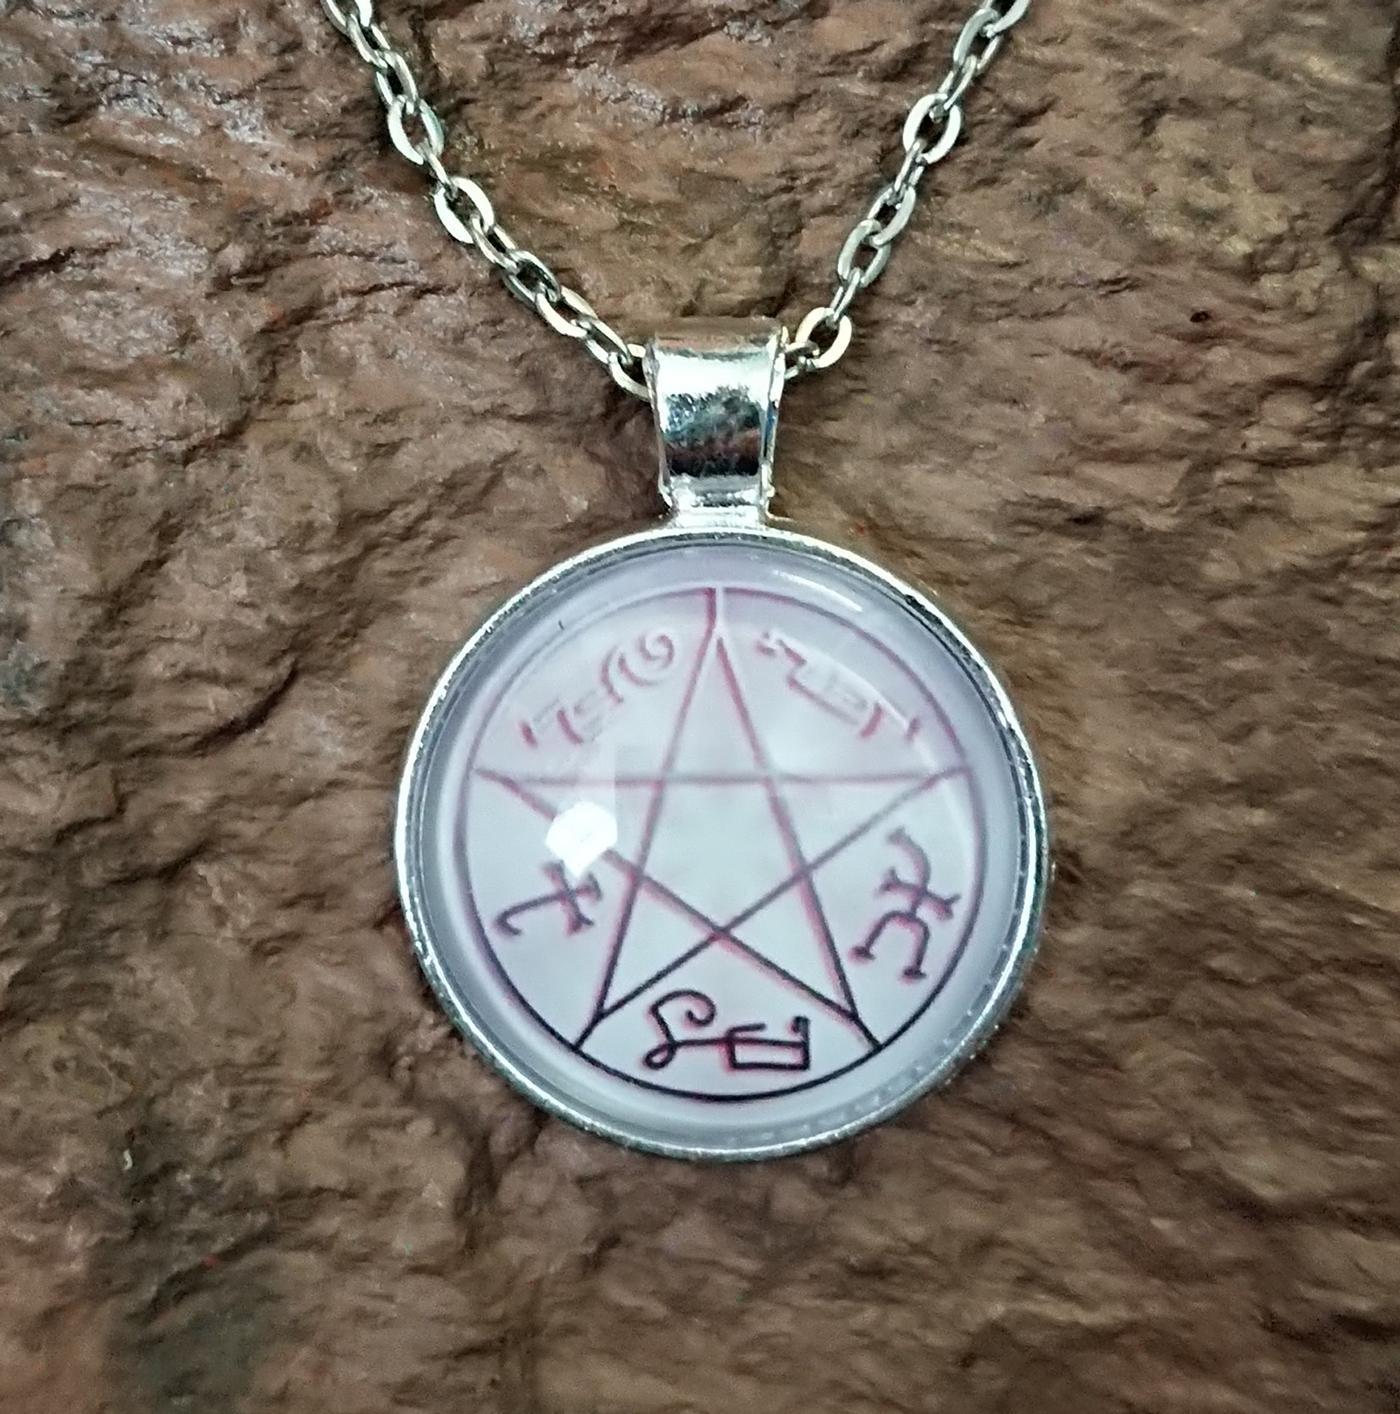 Devil's Trap pendant necklace